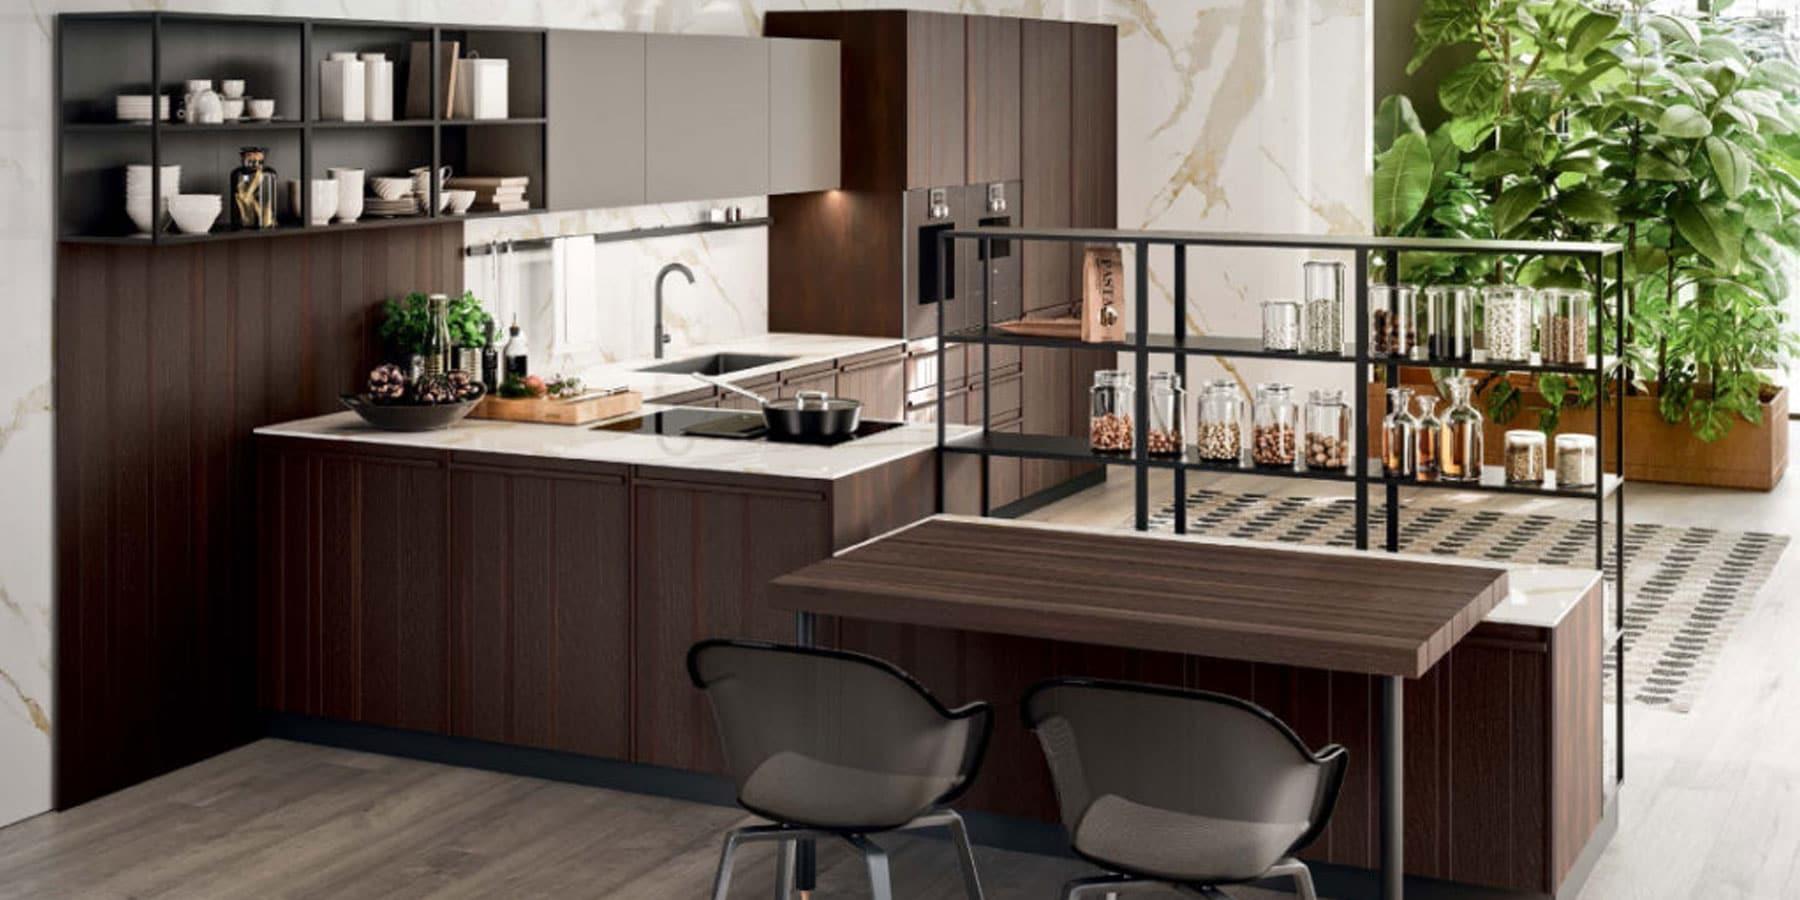 Dorchena by Istoria Dark Brown Wood Kitchen Composit Pepper